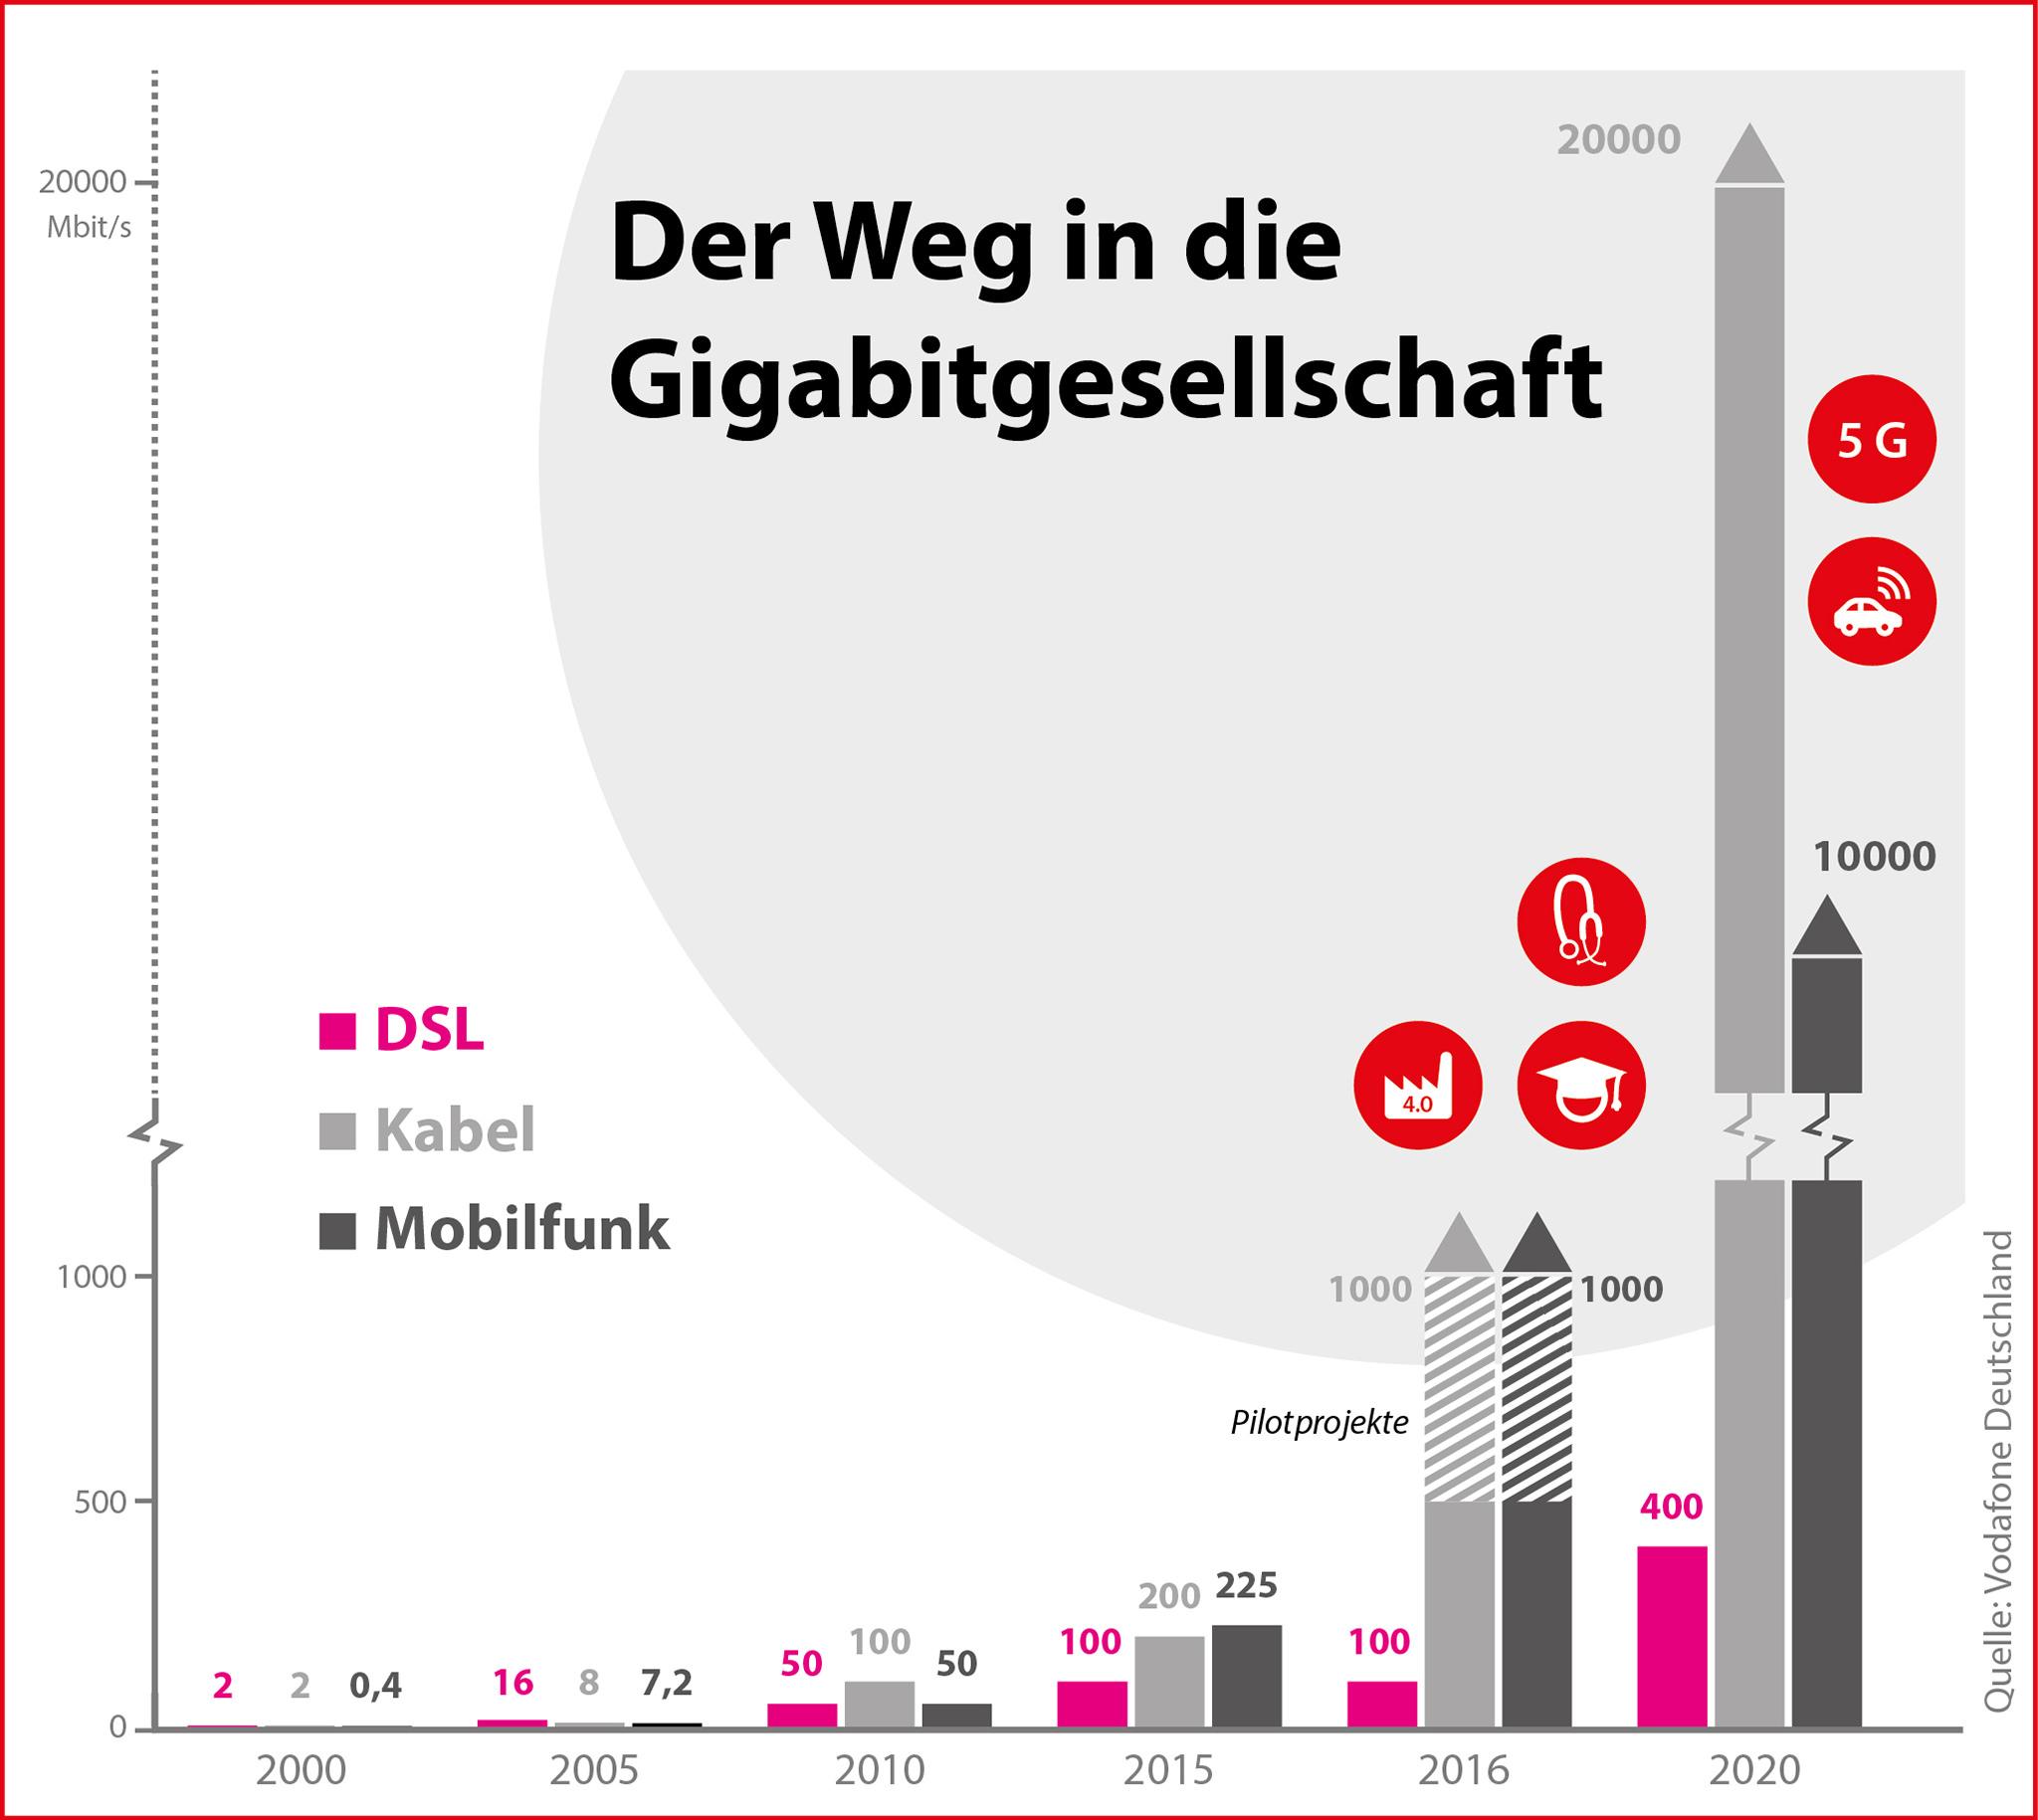 Der Weg in die Gigabitgesellschaft